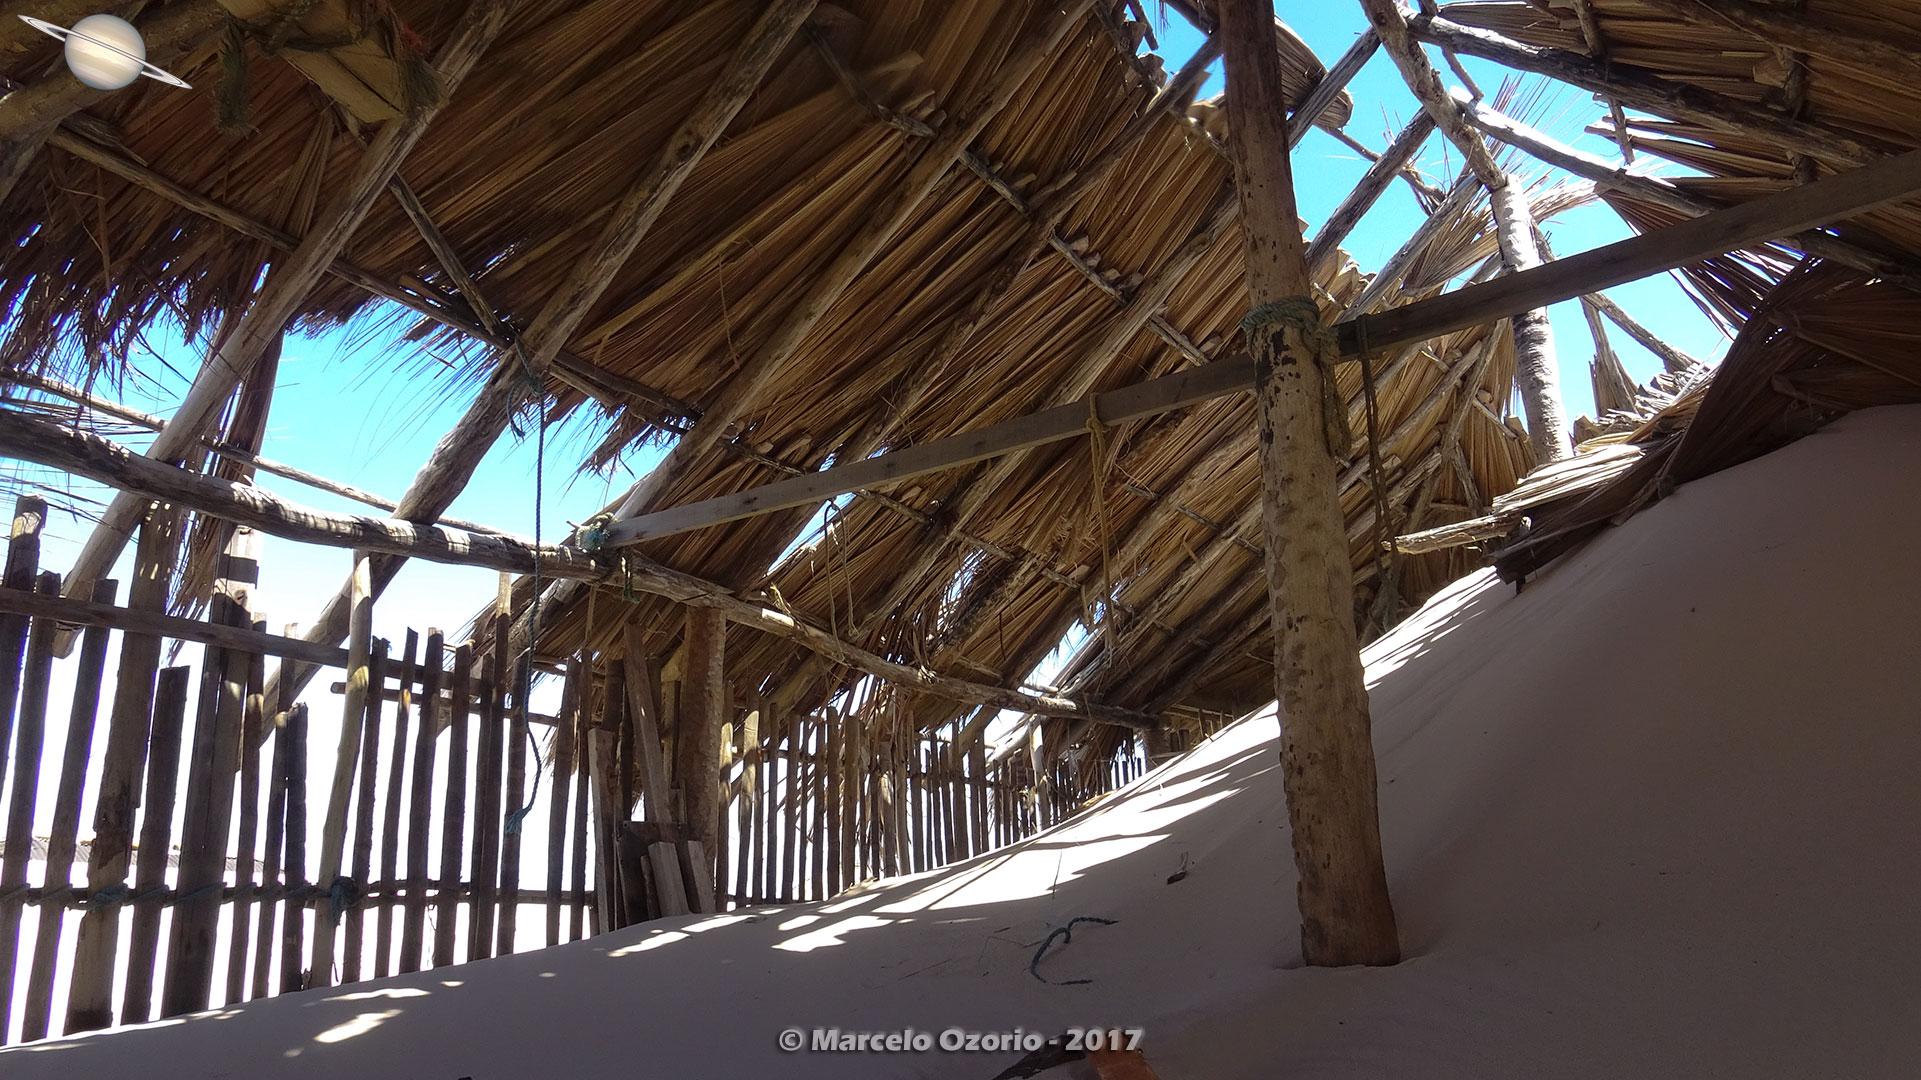 cabure lencois maranhenses brasil 21 - De Barreirinhas à Canto do Atins. Trekking nos Lençóis Maranhenses - Brasil